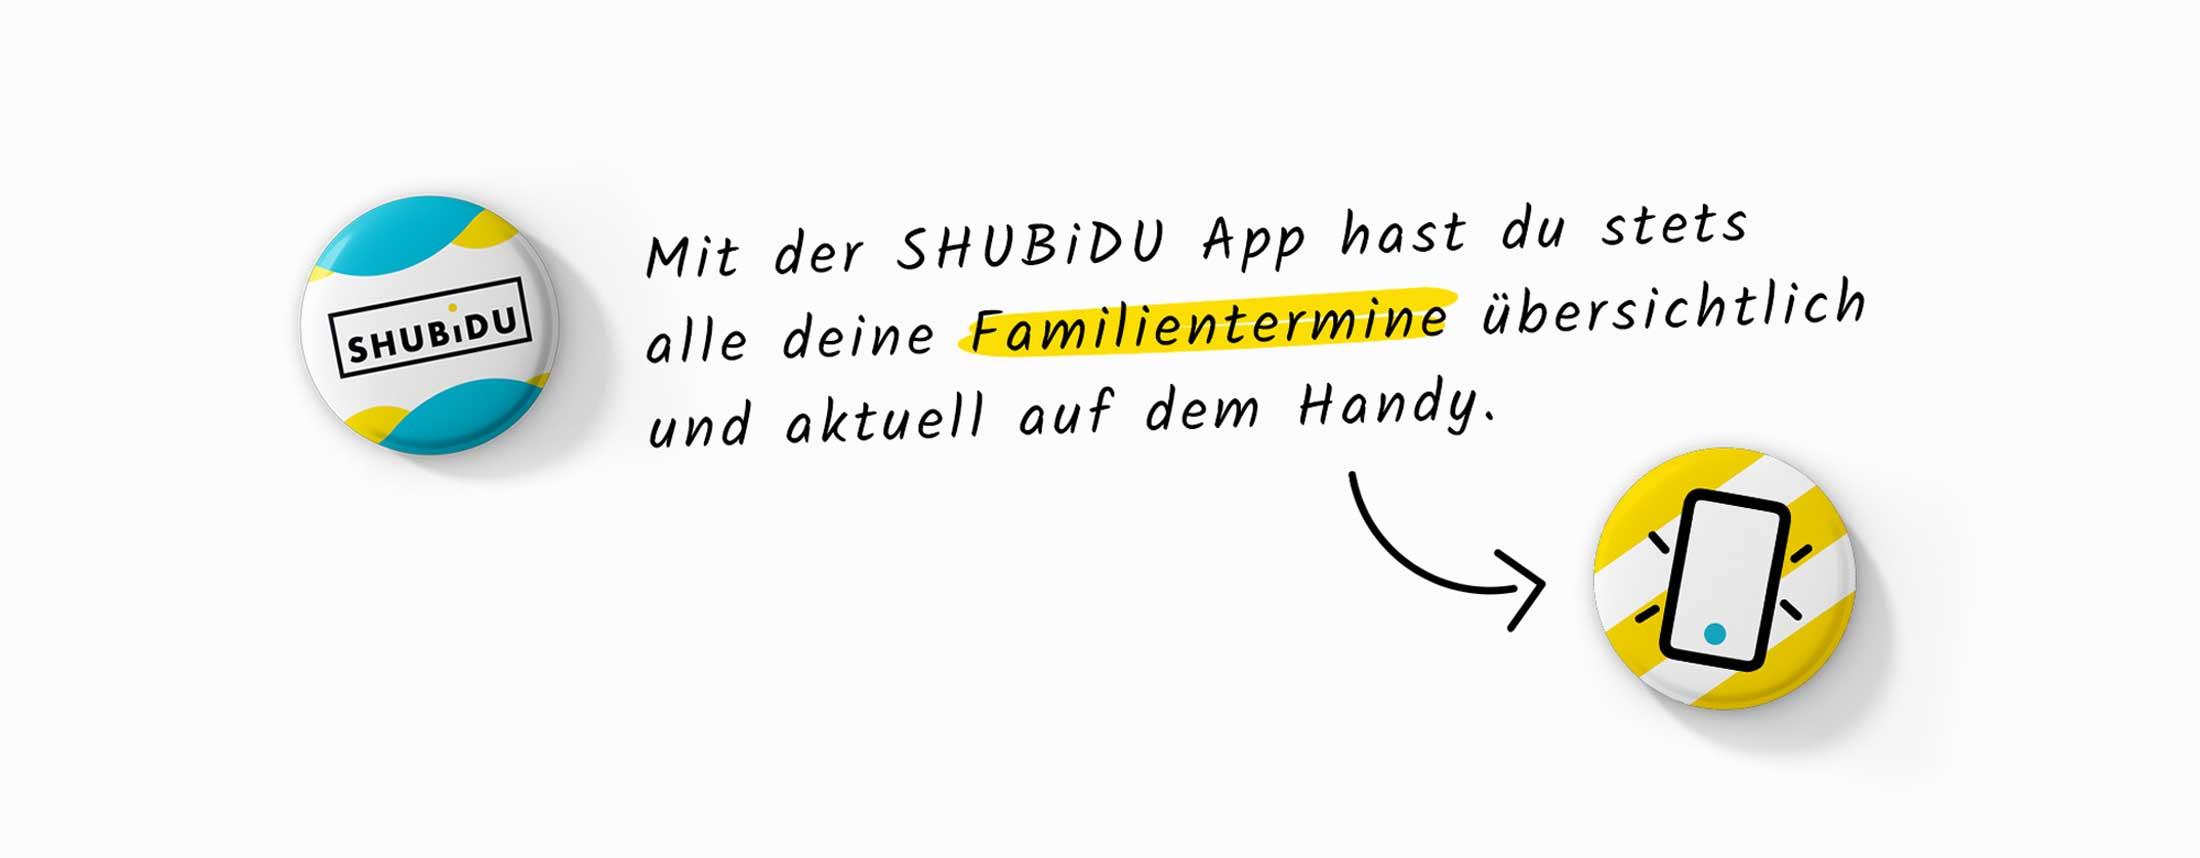 Buttons und Slogan für Schweizer App